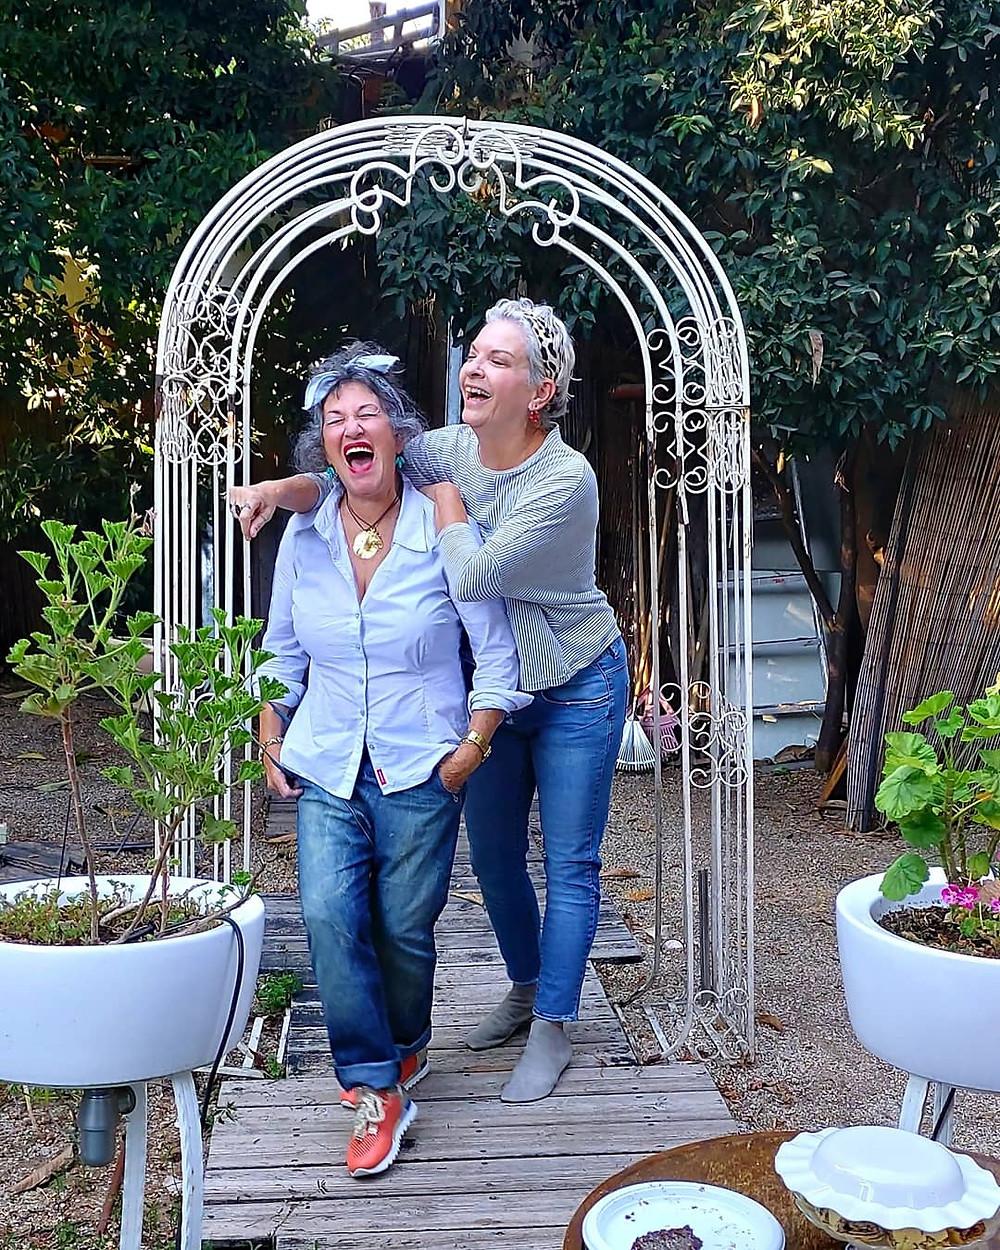 אורנה גטניו ואירית דגמי אצל רייצ'ל בבטוטיק בנס ציונה צילום מאירה גוראי רז.